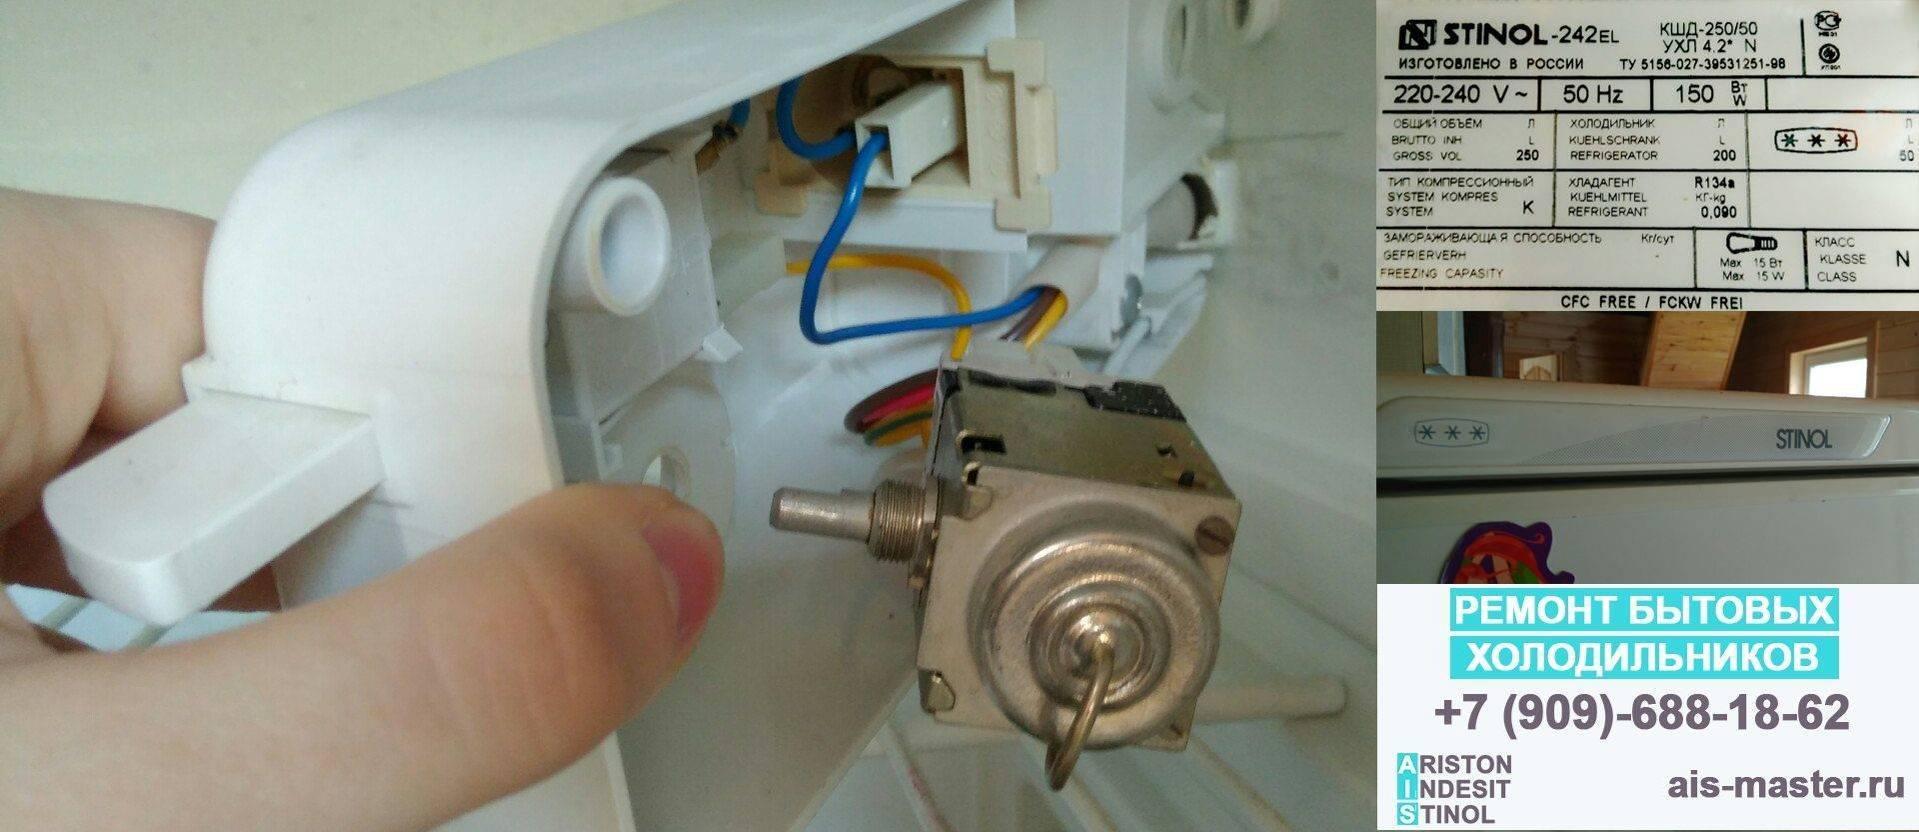 Регулировка терморегулятора холодильника своими руками